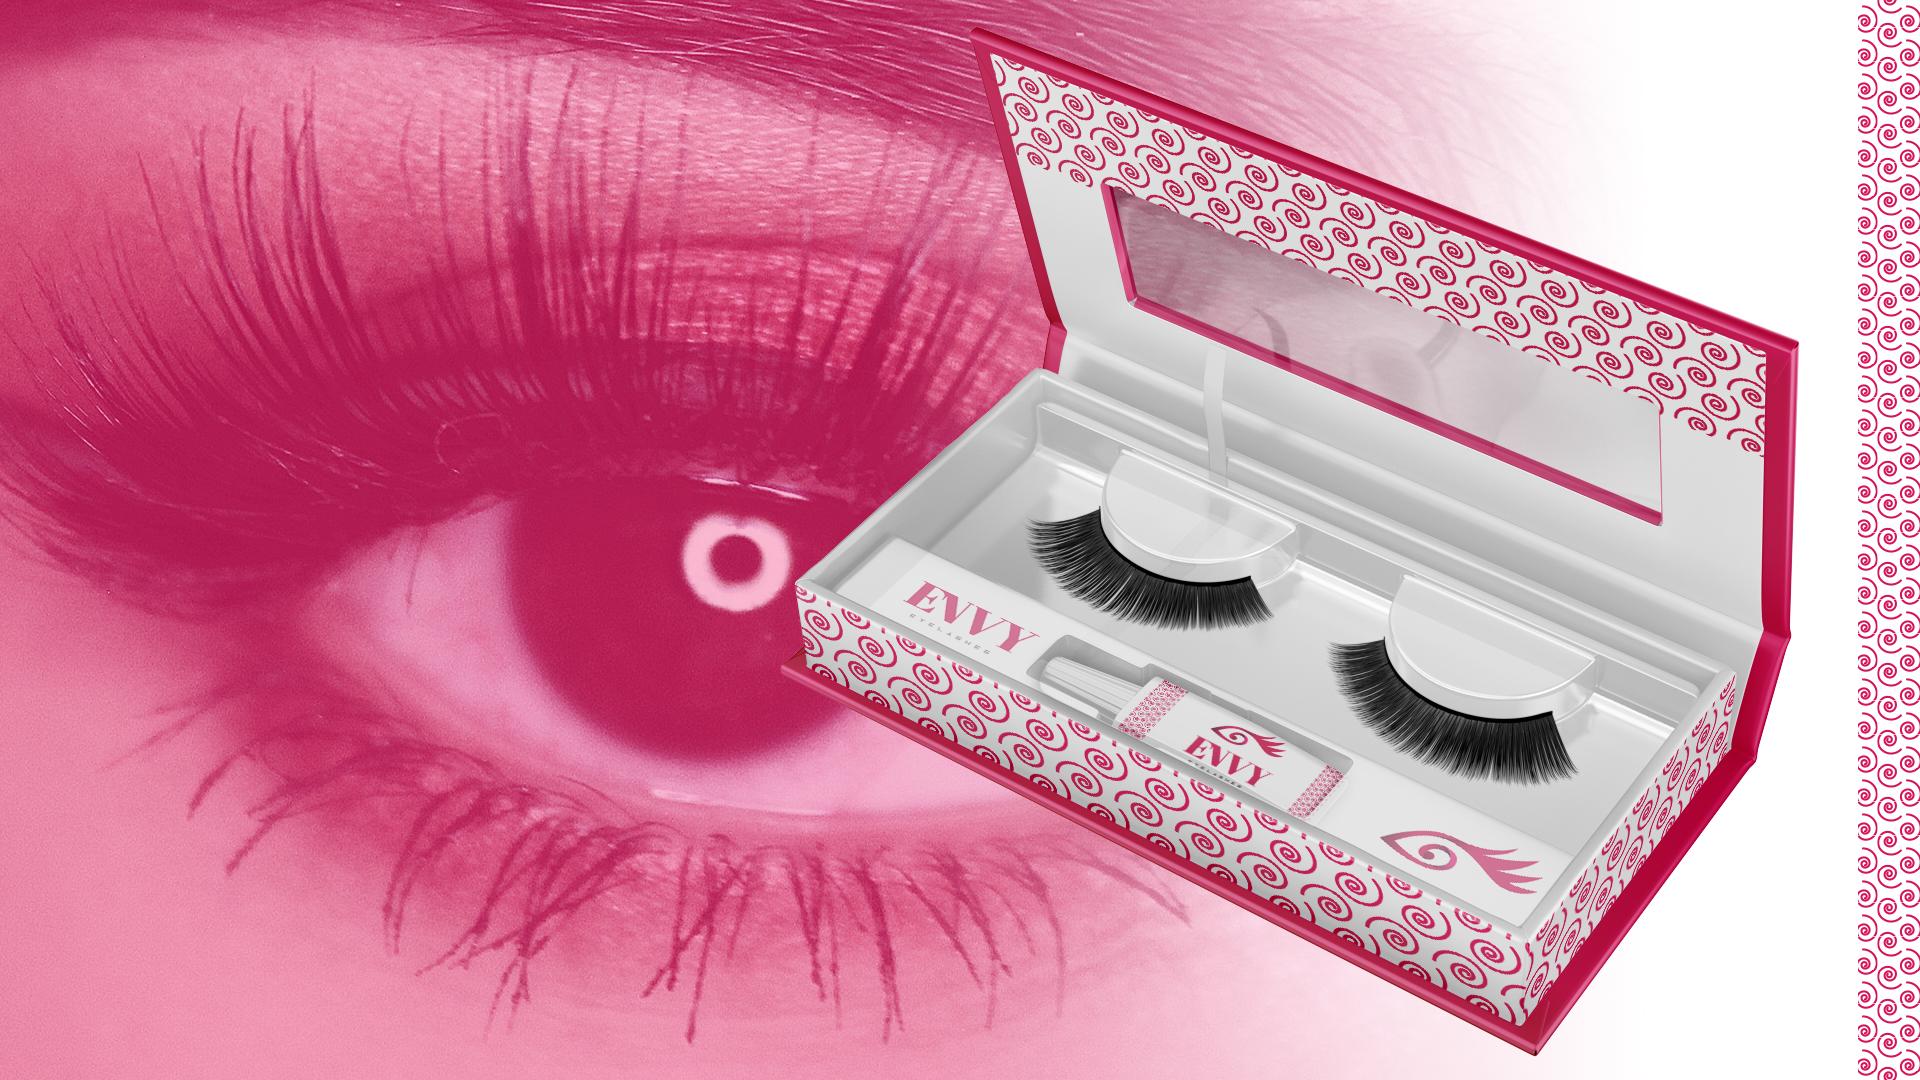 ENVY Eyelash Presentation3.jpg